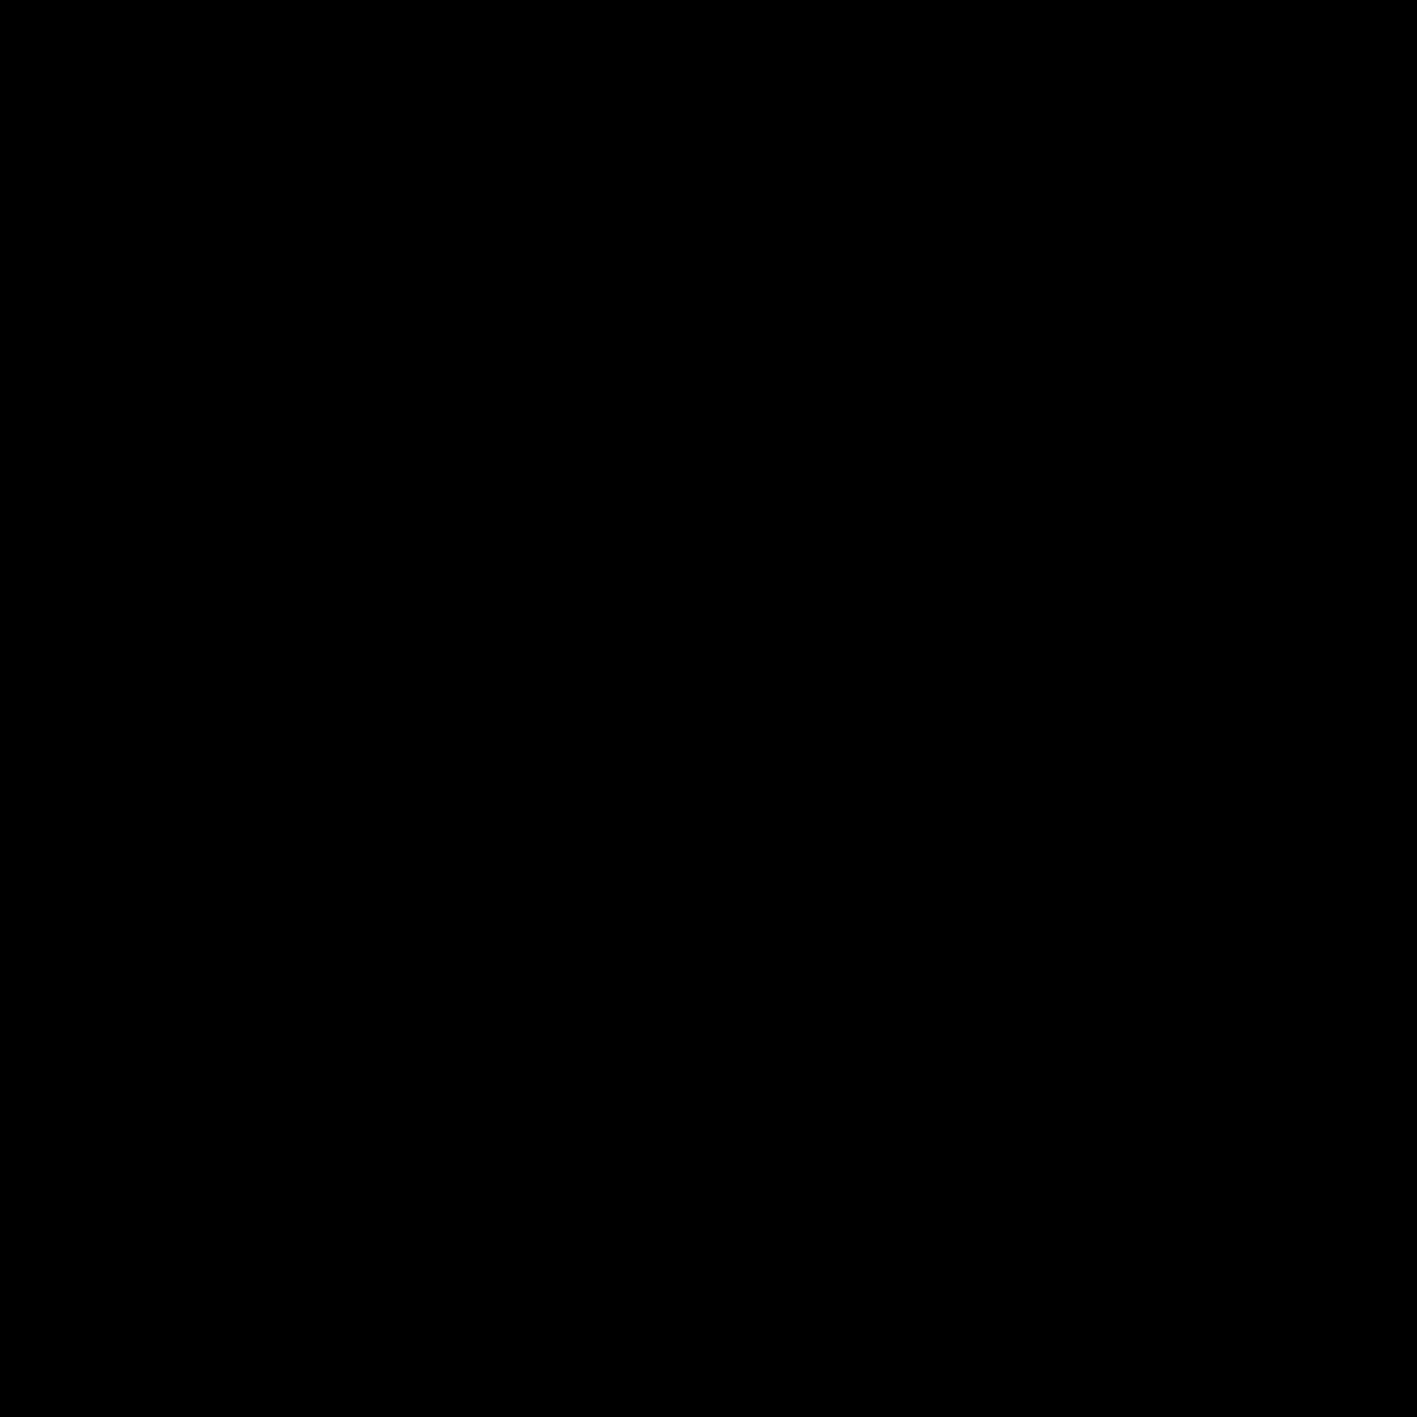 【最新】INDUSTRIA-ロゴ原盤のコピー2